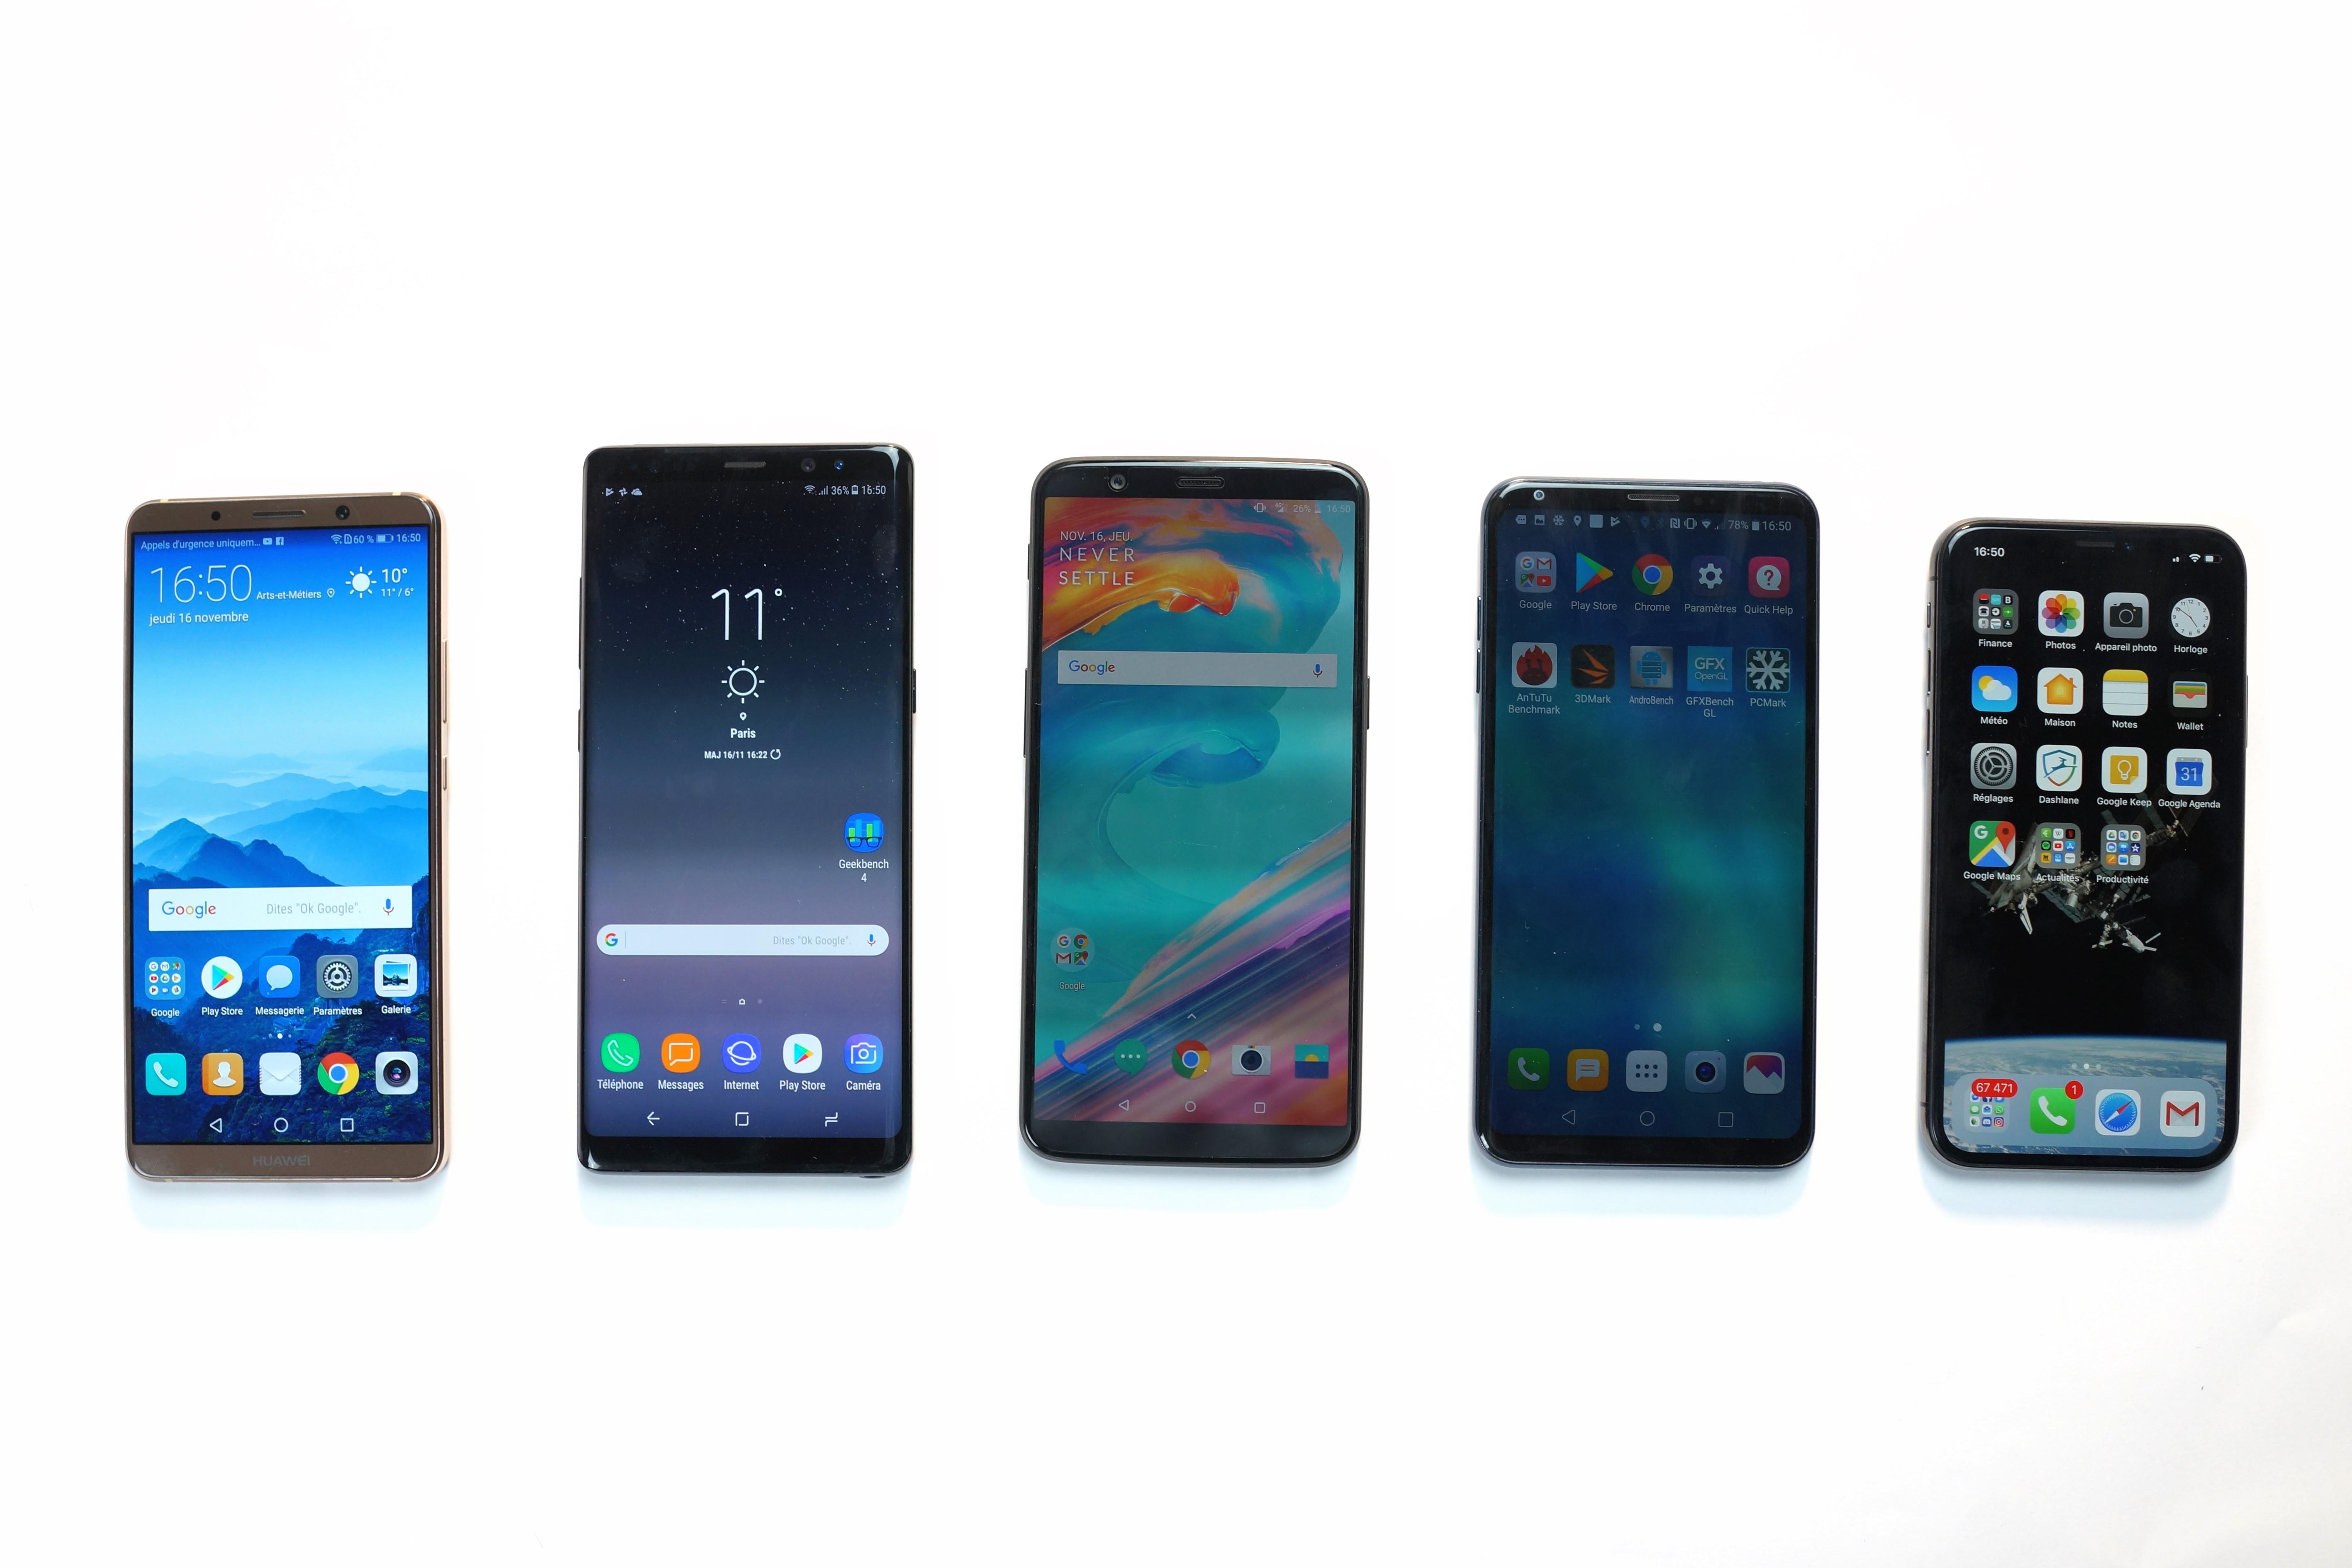 Essential, OnePlus, Samsung, HTC, Huawei : qui sont les perdants et les gagnants de 2017 ?